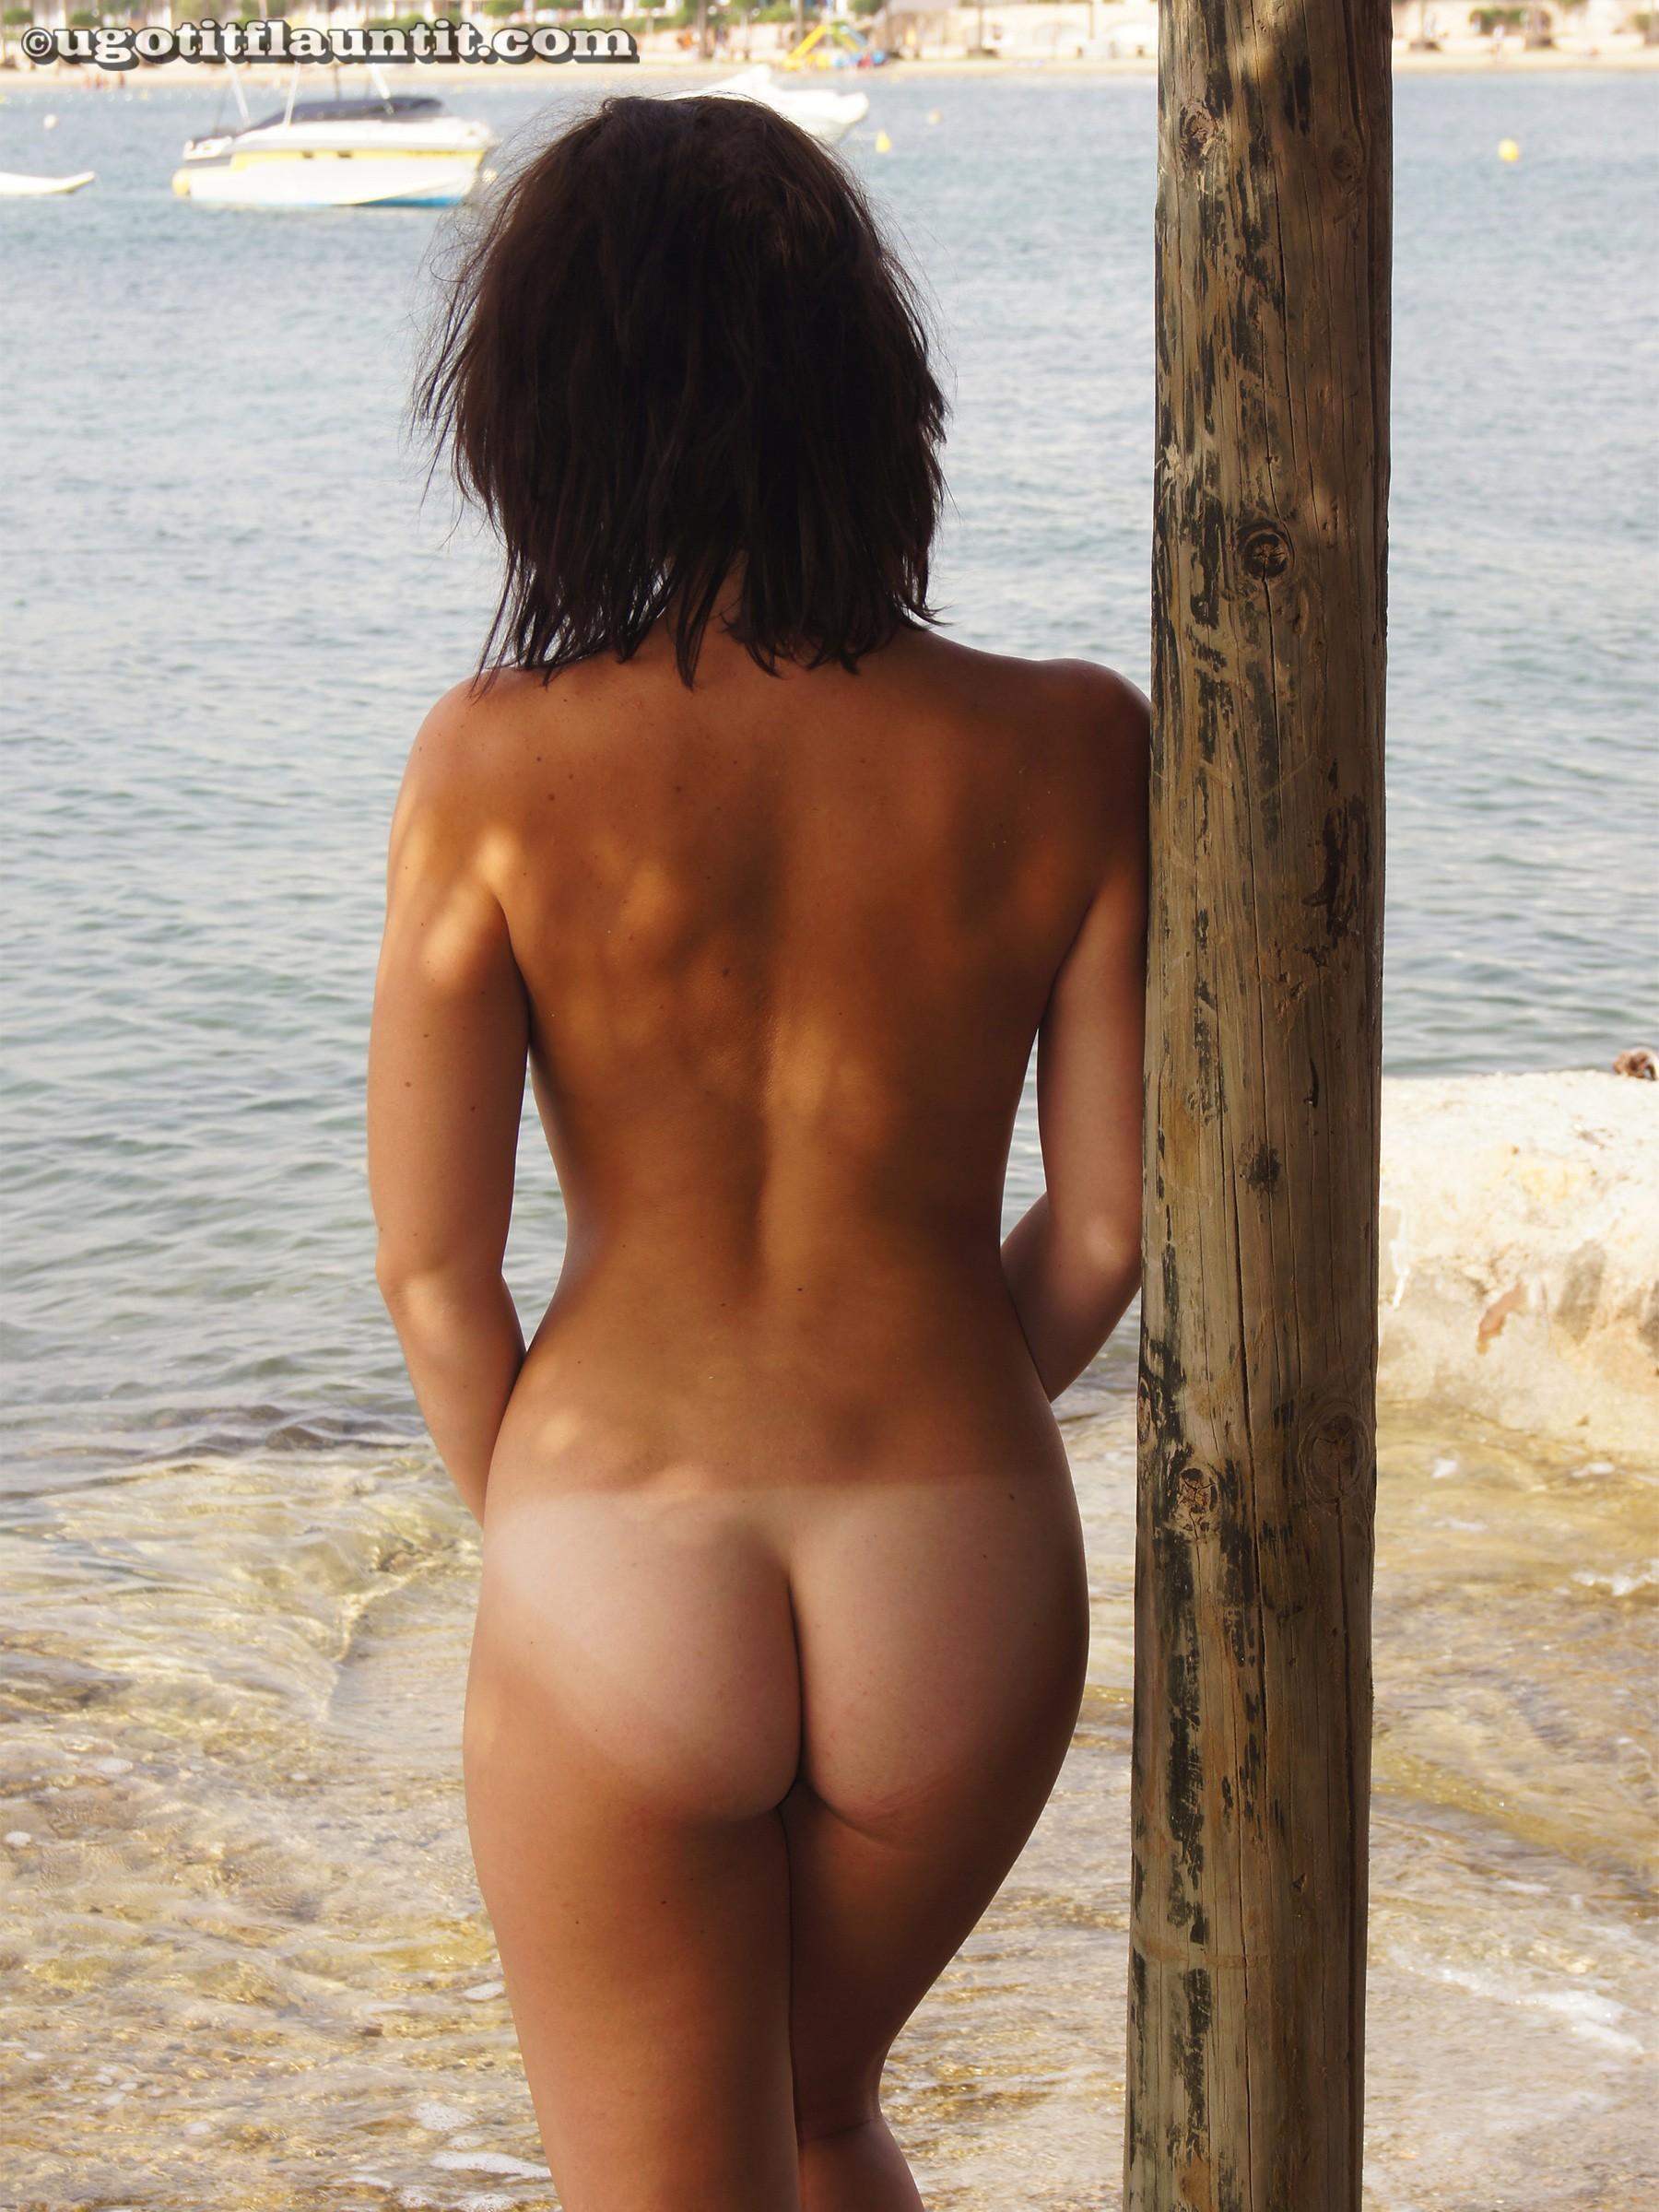 Taking off bikini video